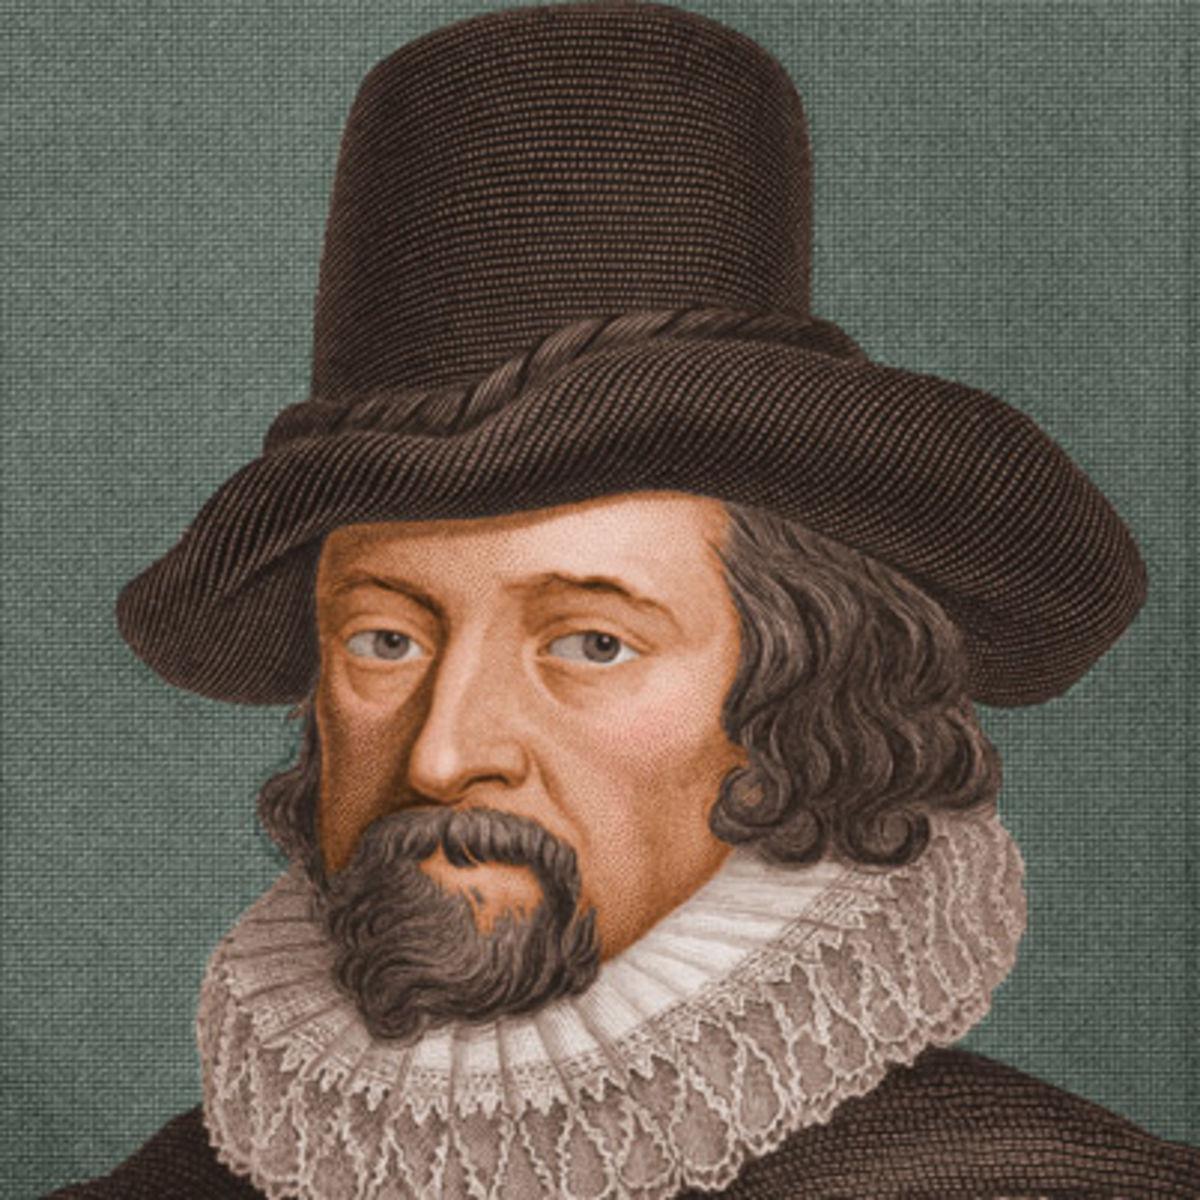 (source: biography.com)